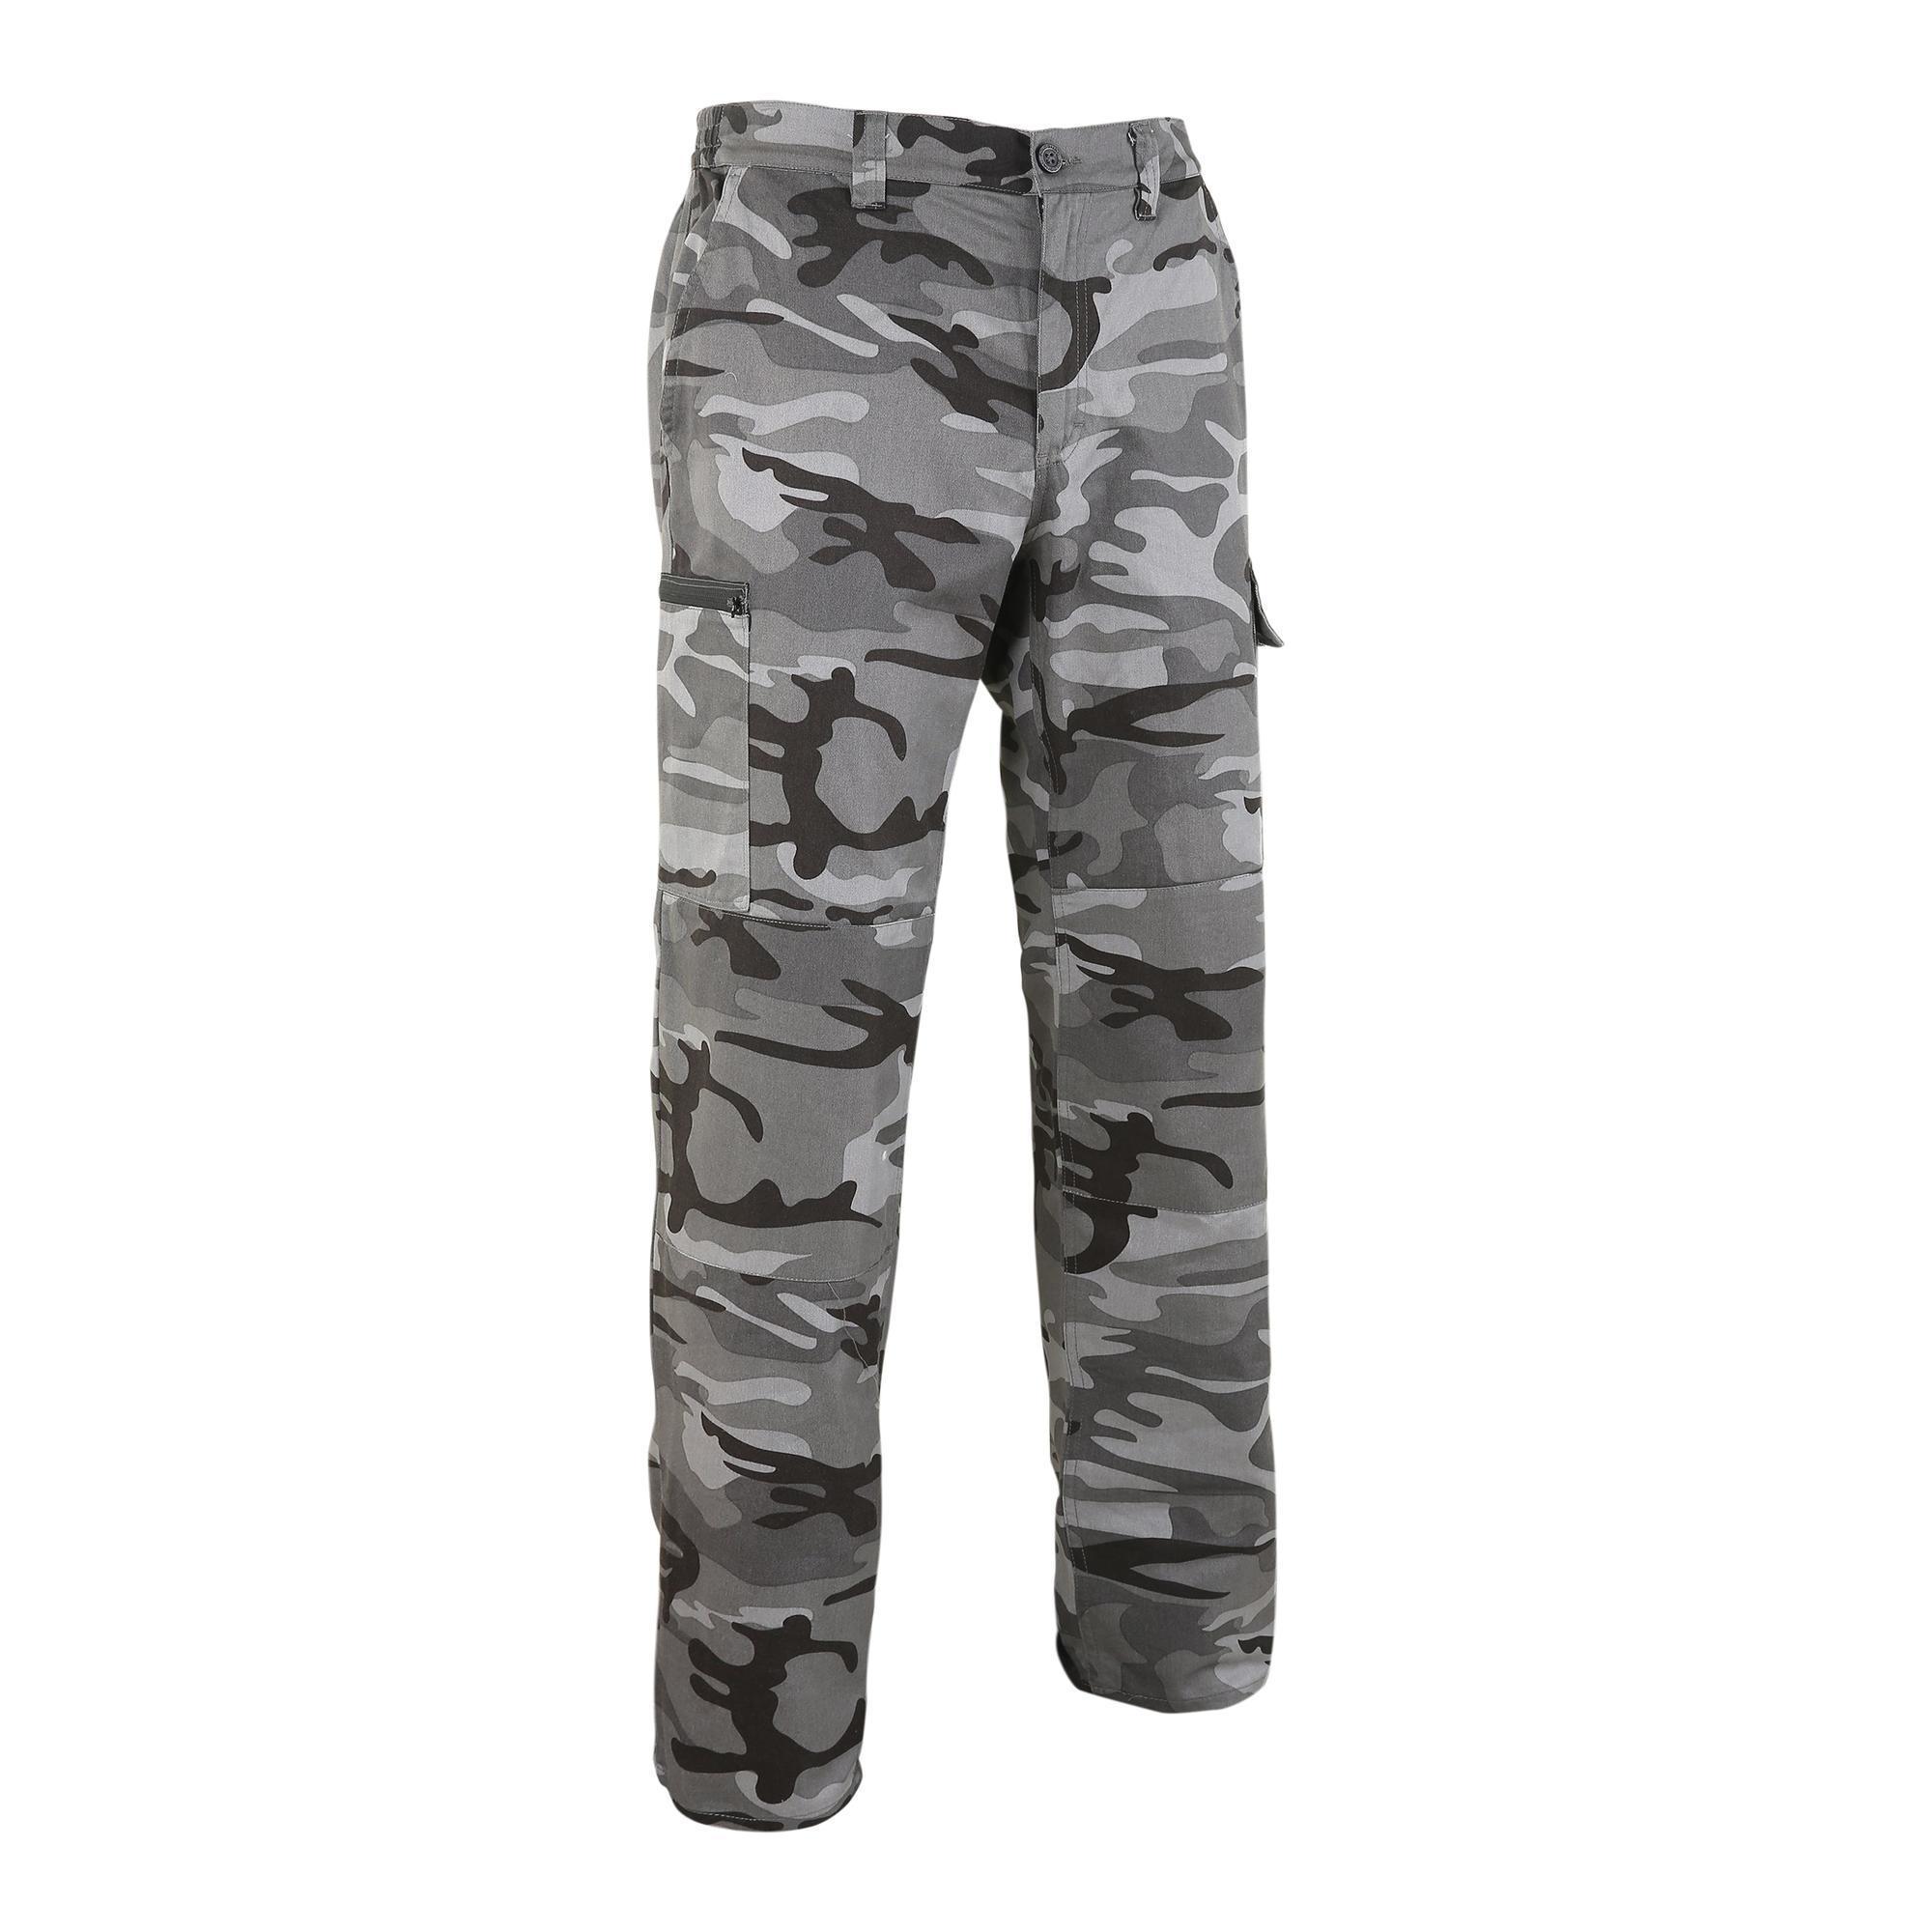 Pantalones De Camuflaje Para Hombre Decathlon